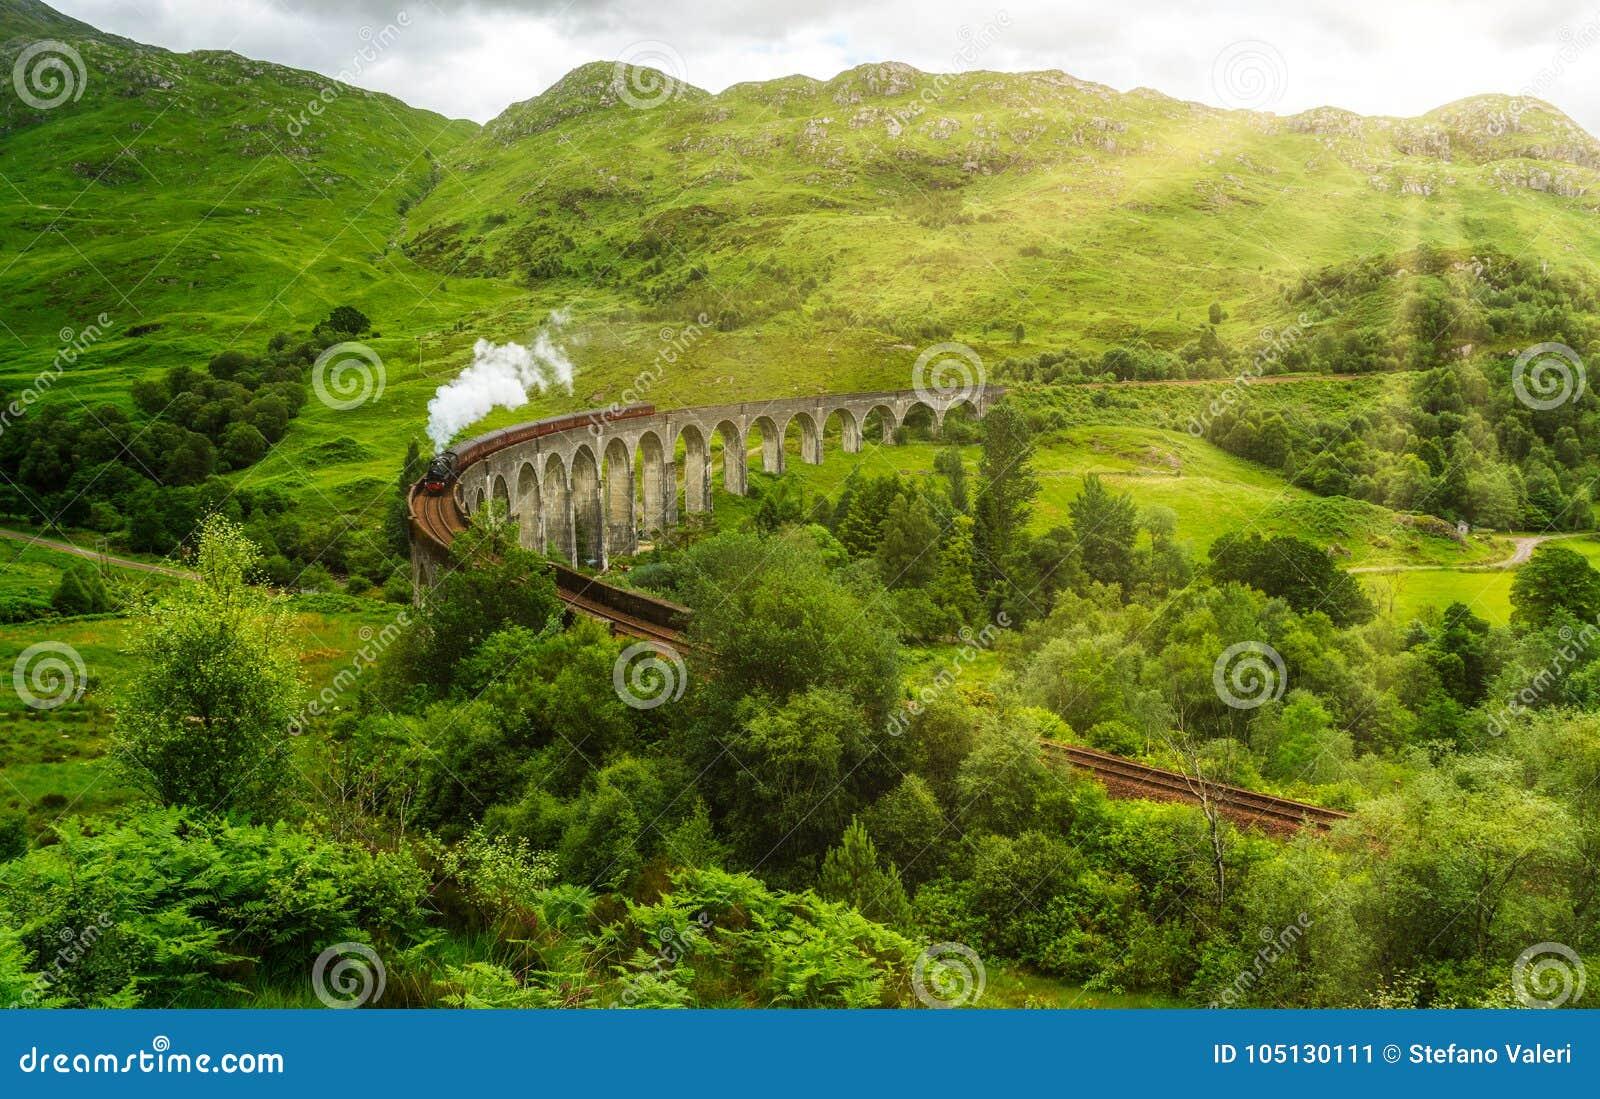 与Jacobite蒸汽的Glenfinnan铁路高架桥,在苏格兰的高地的Lochaber地区